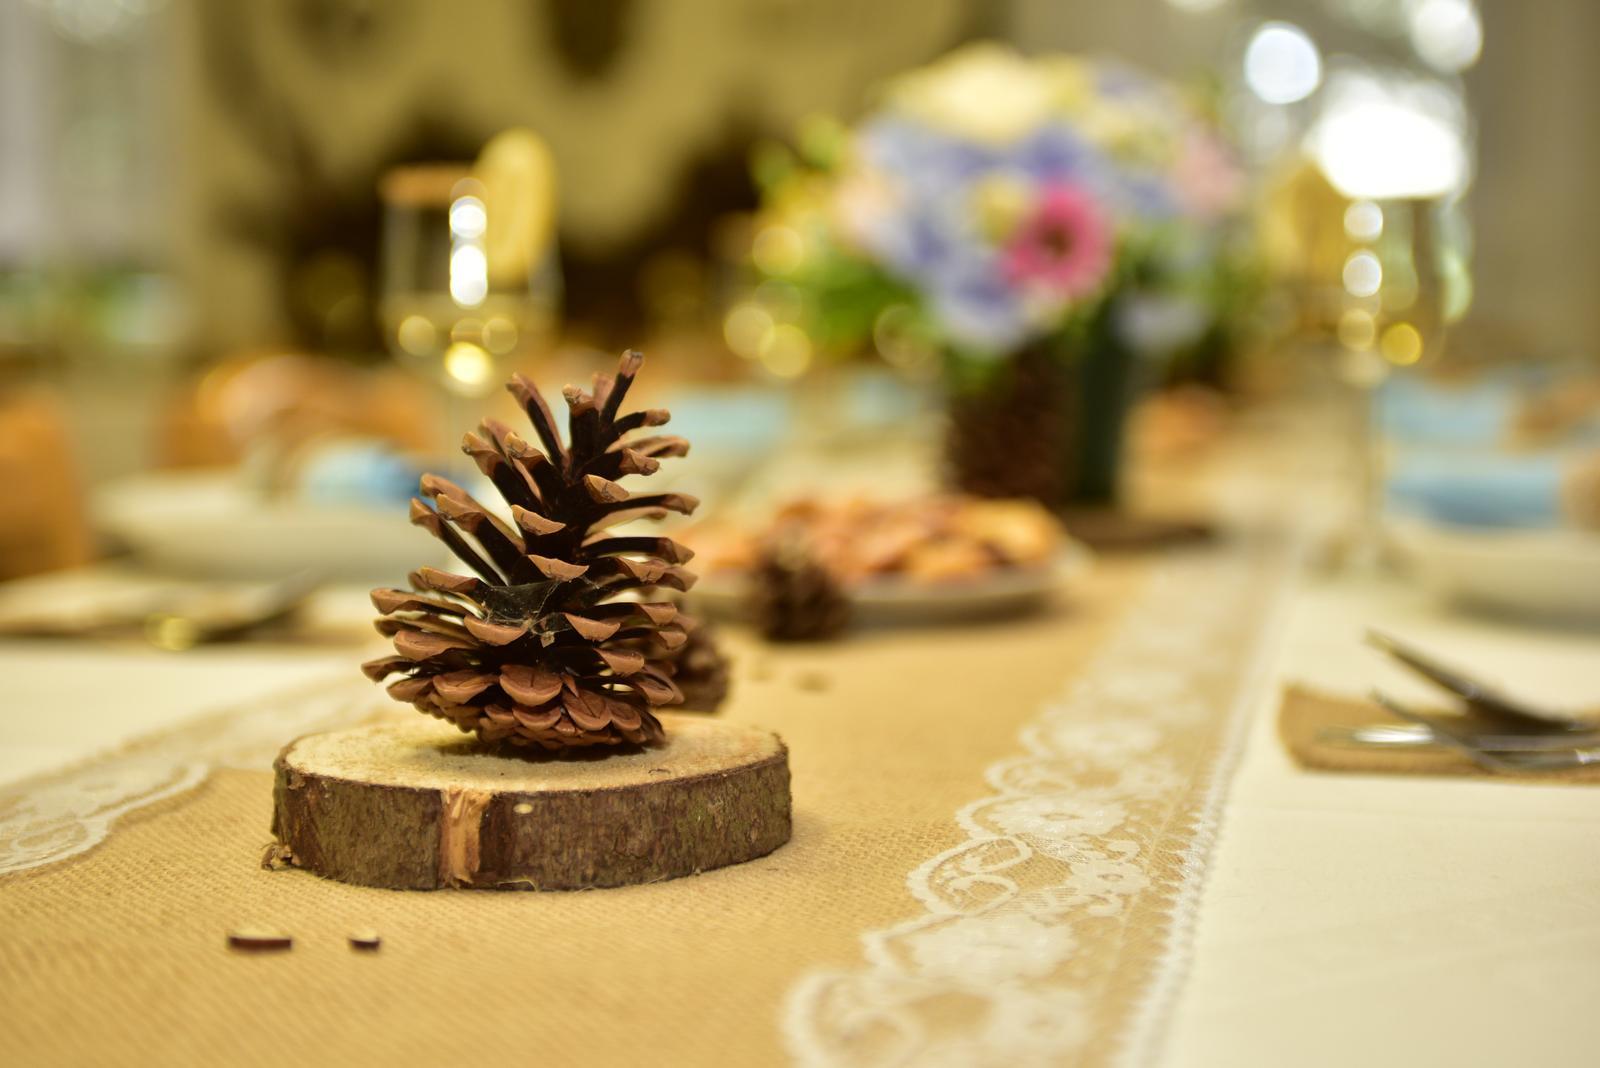 Šišky na výzdobu rustikální svatby - Obrázek č. 1